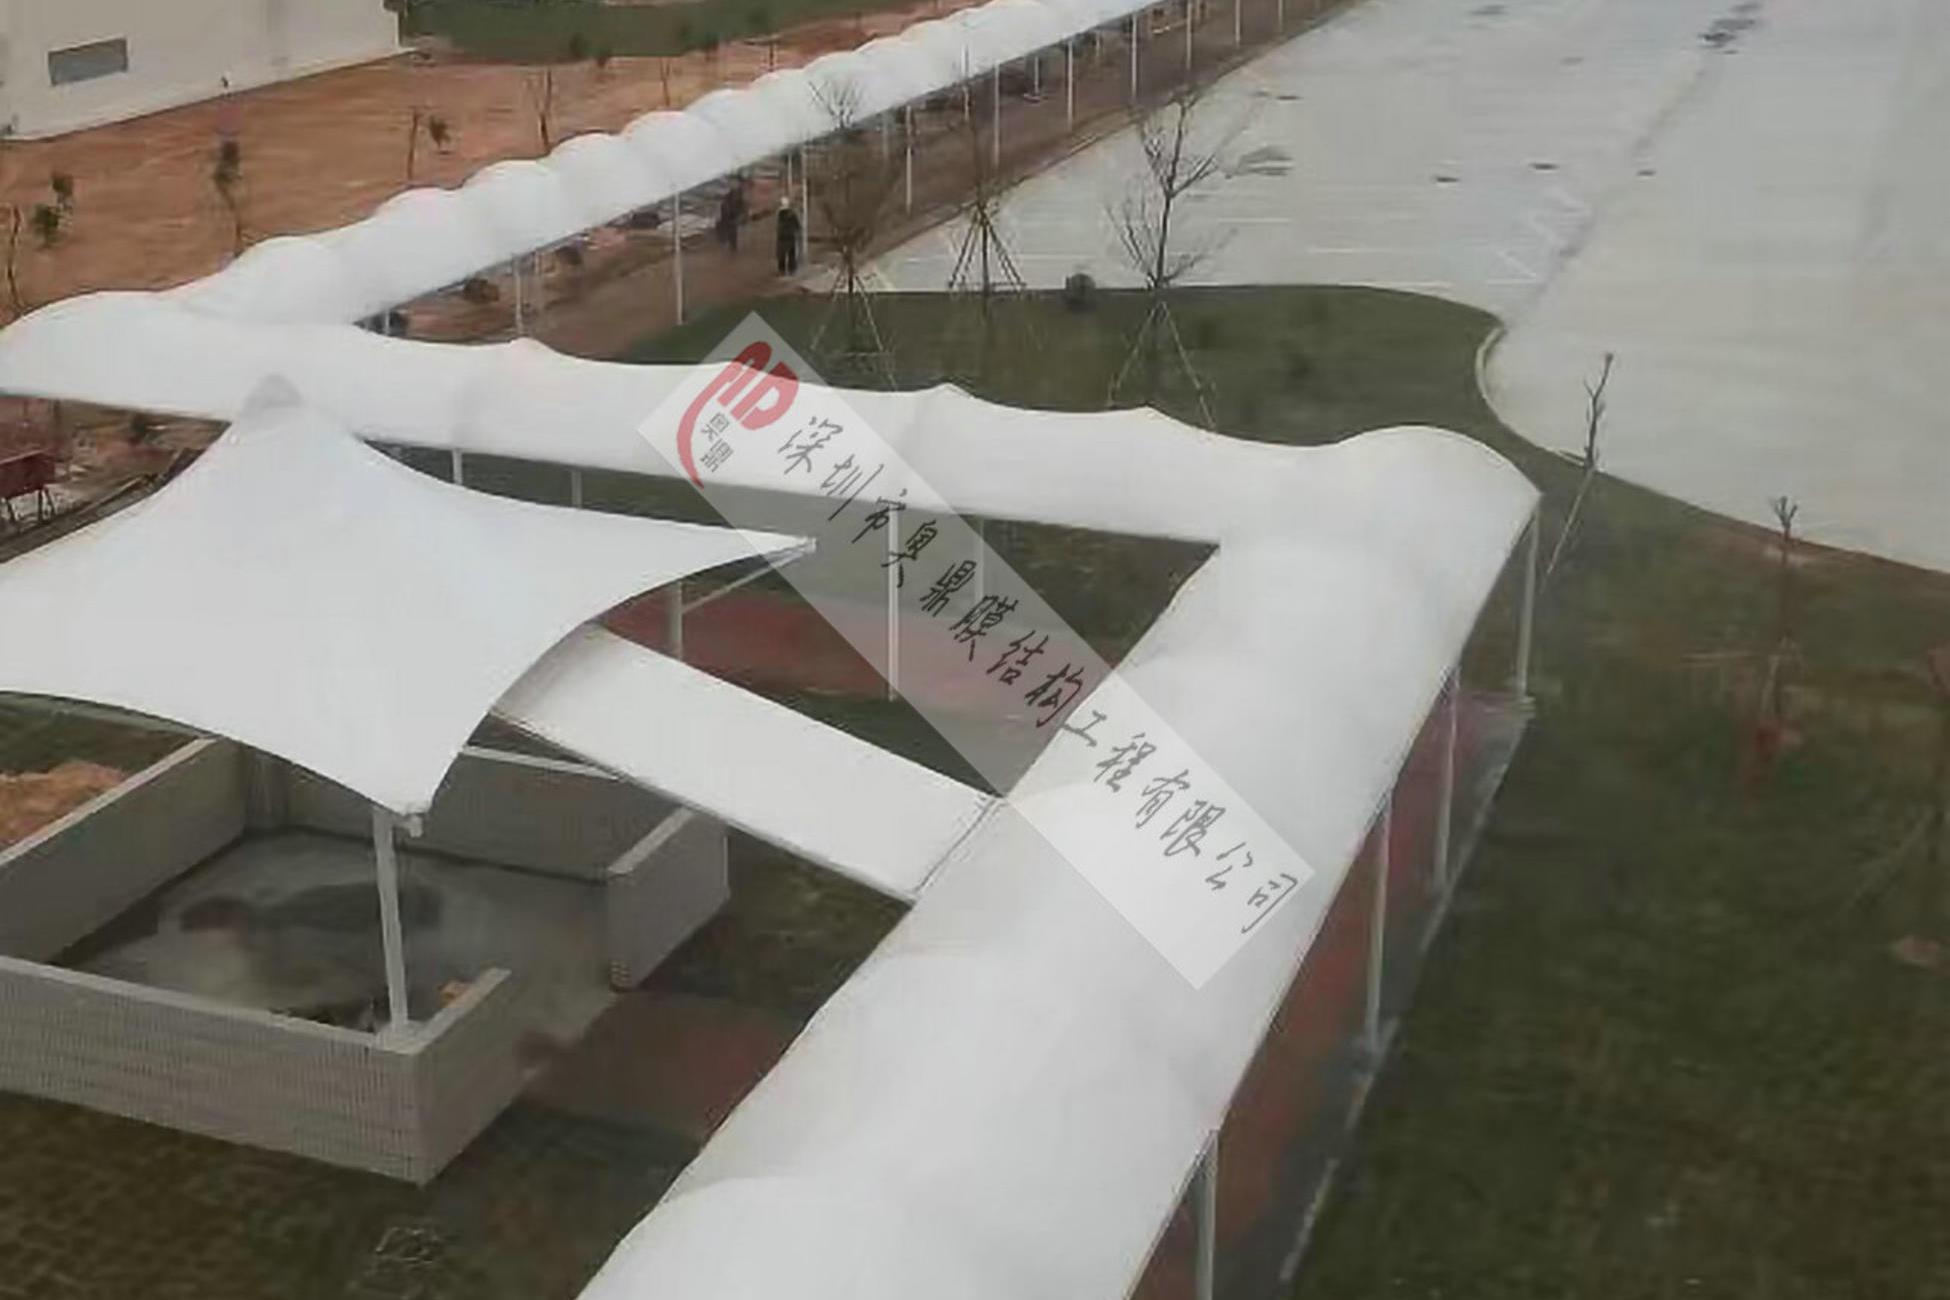 广州宝洁公司大型走廊和车棚膜结构